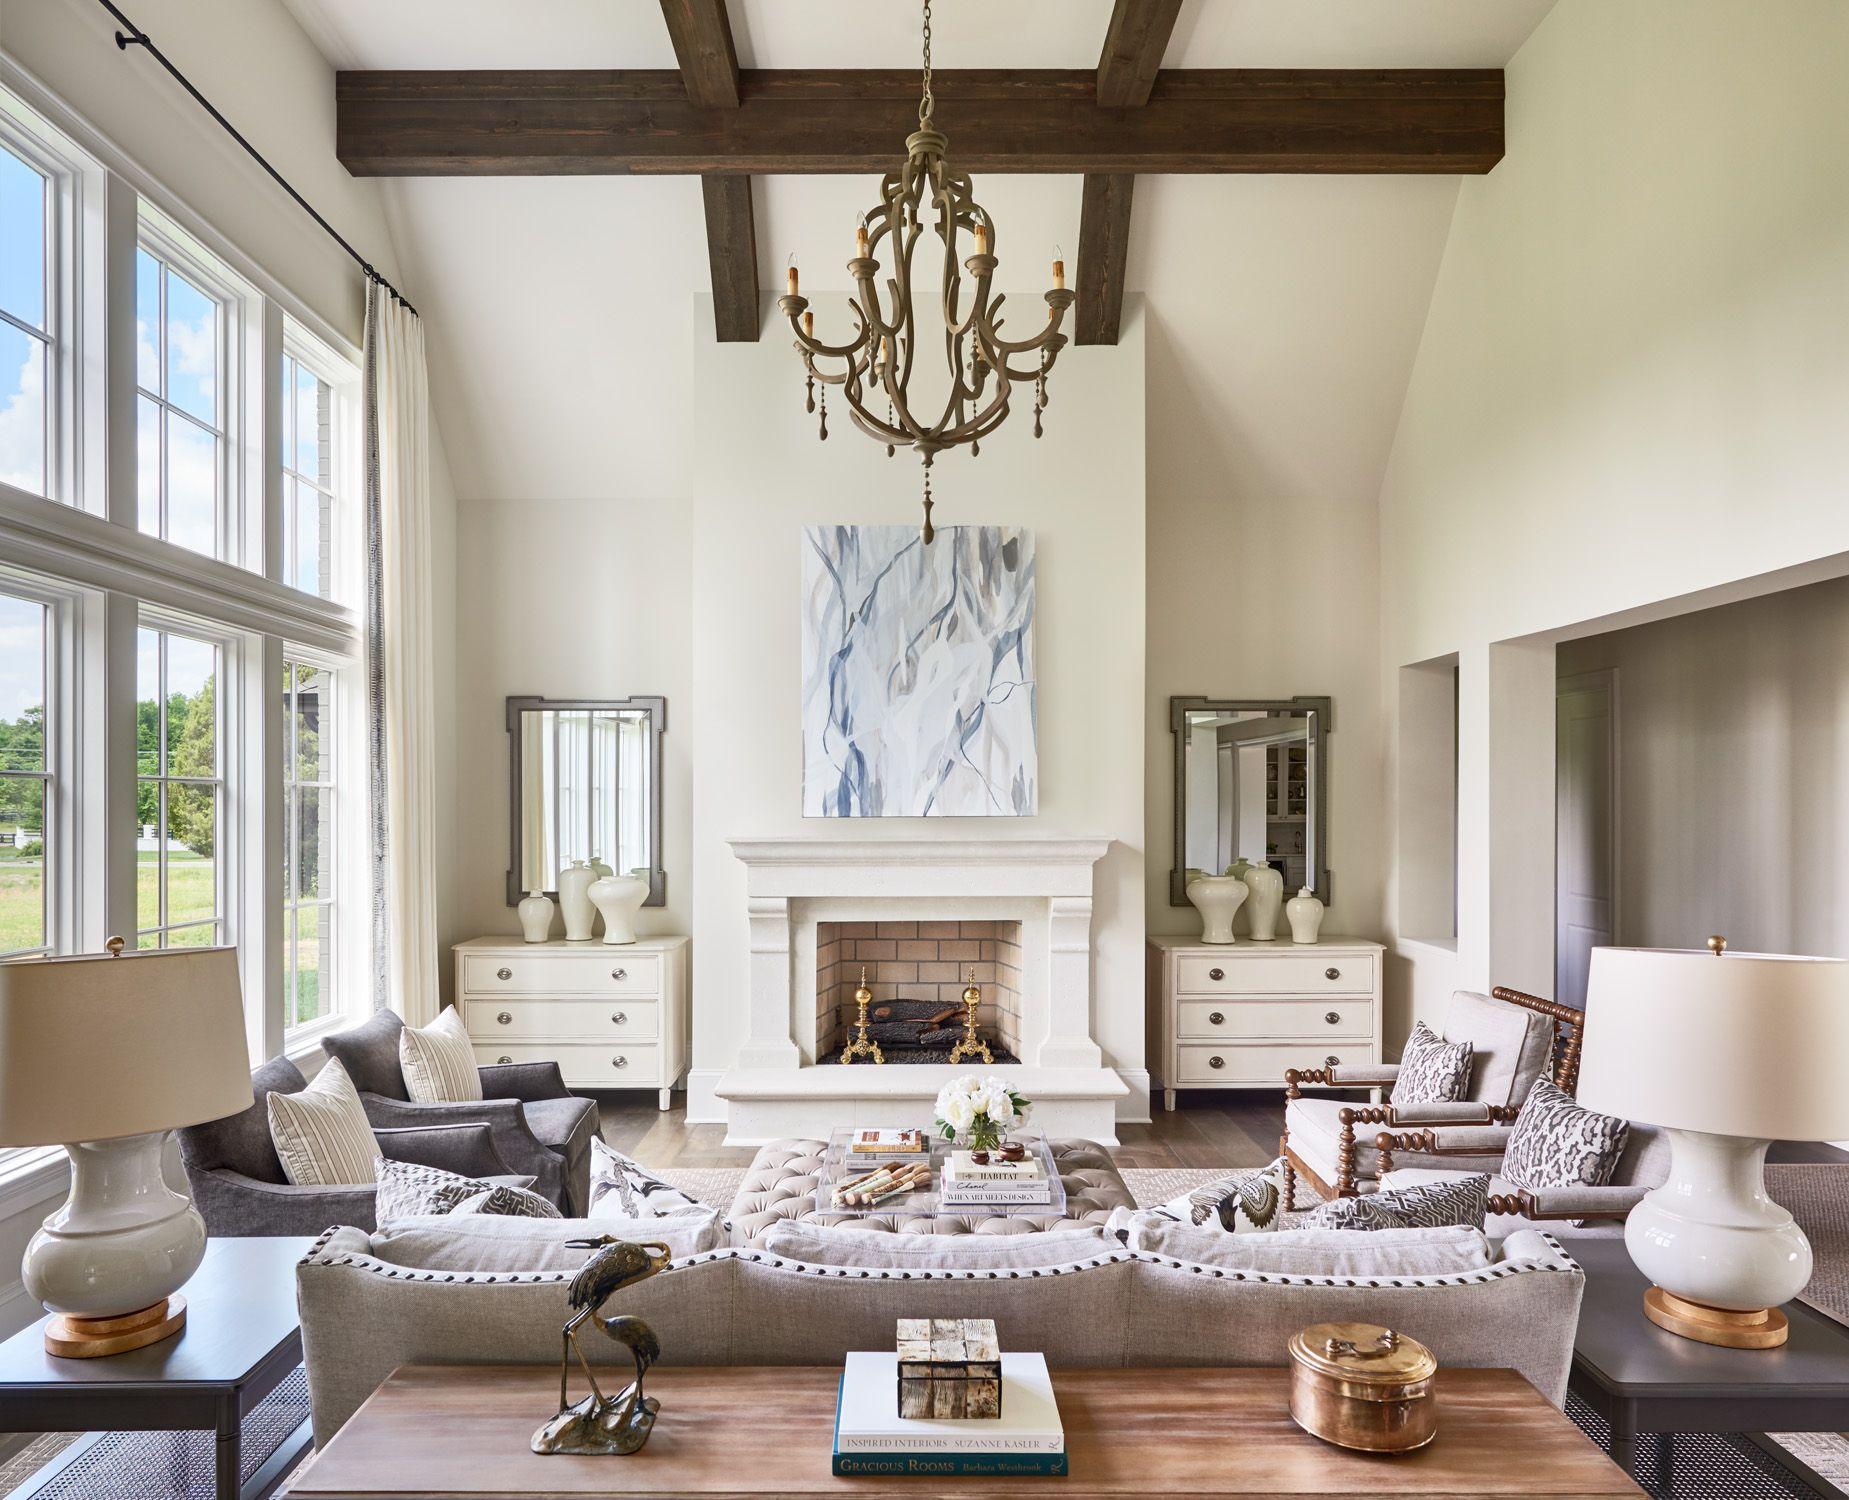 Traci Zeller Designs | Interior Designer | Charlotte, NC | Living Room